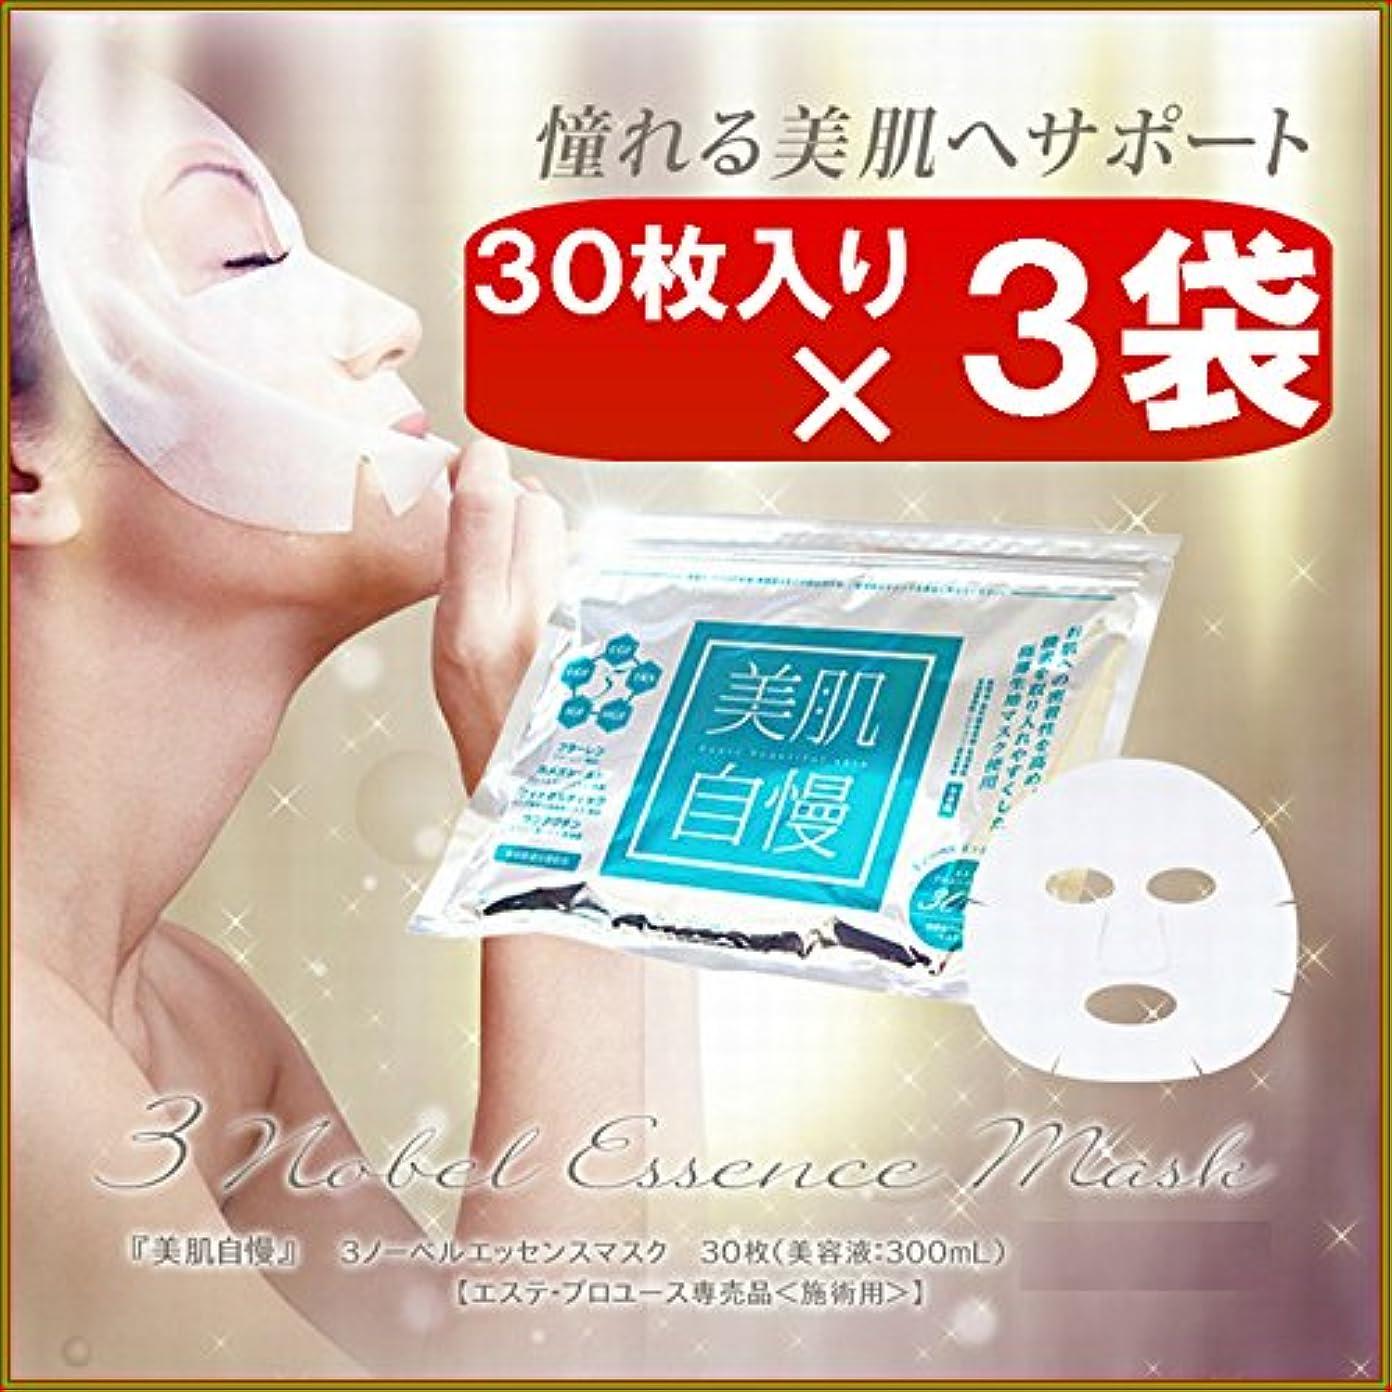 リマークセマフォ脚美肌自慢フェイスマスク 30枚入り ×お得3袋セット 《エッセンスマスク、EGF、IGF、ヒアルロン酸、プラセンタ、アルブチン、カタツムリエキス、しみ、しわ》